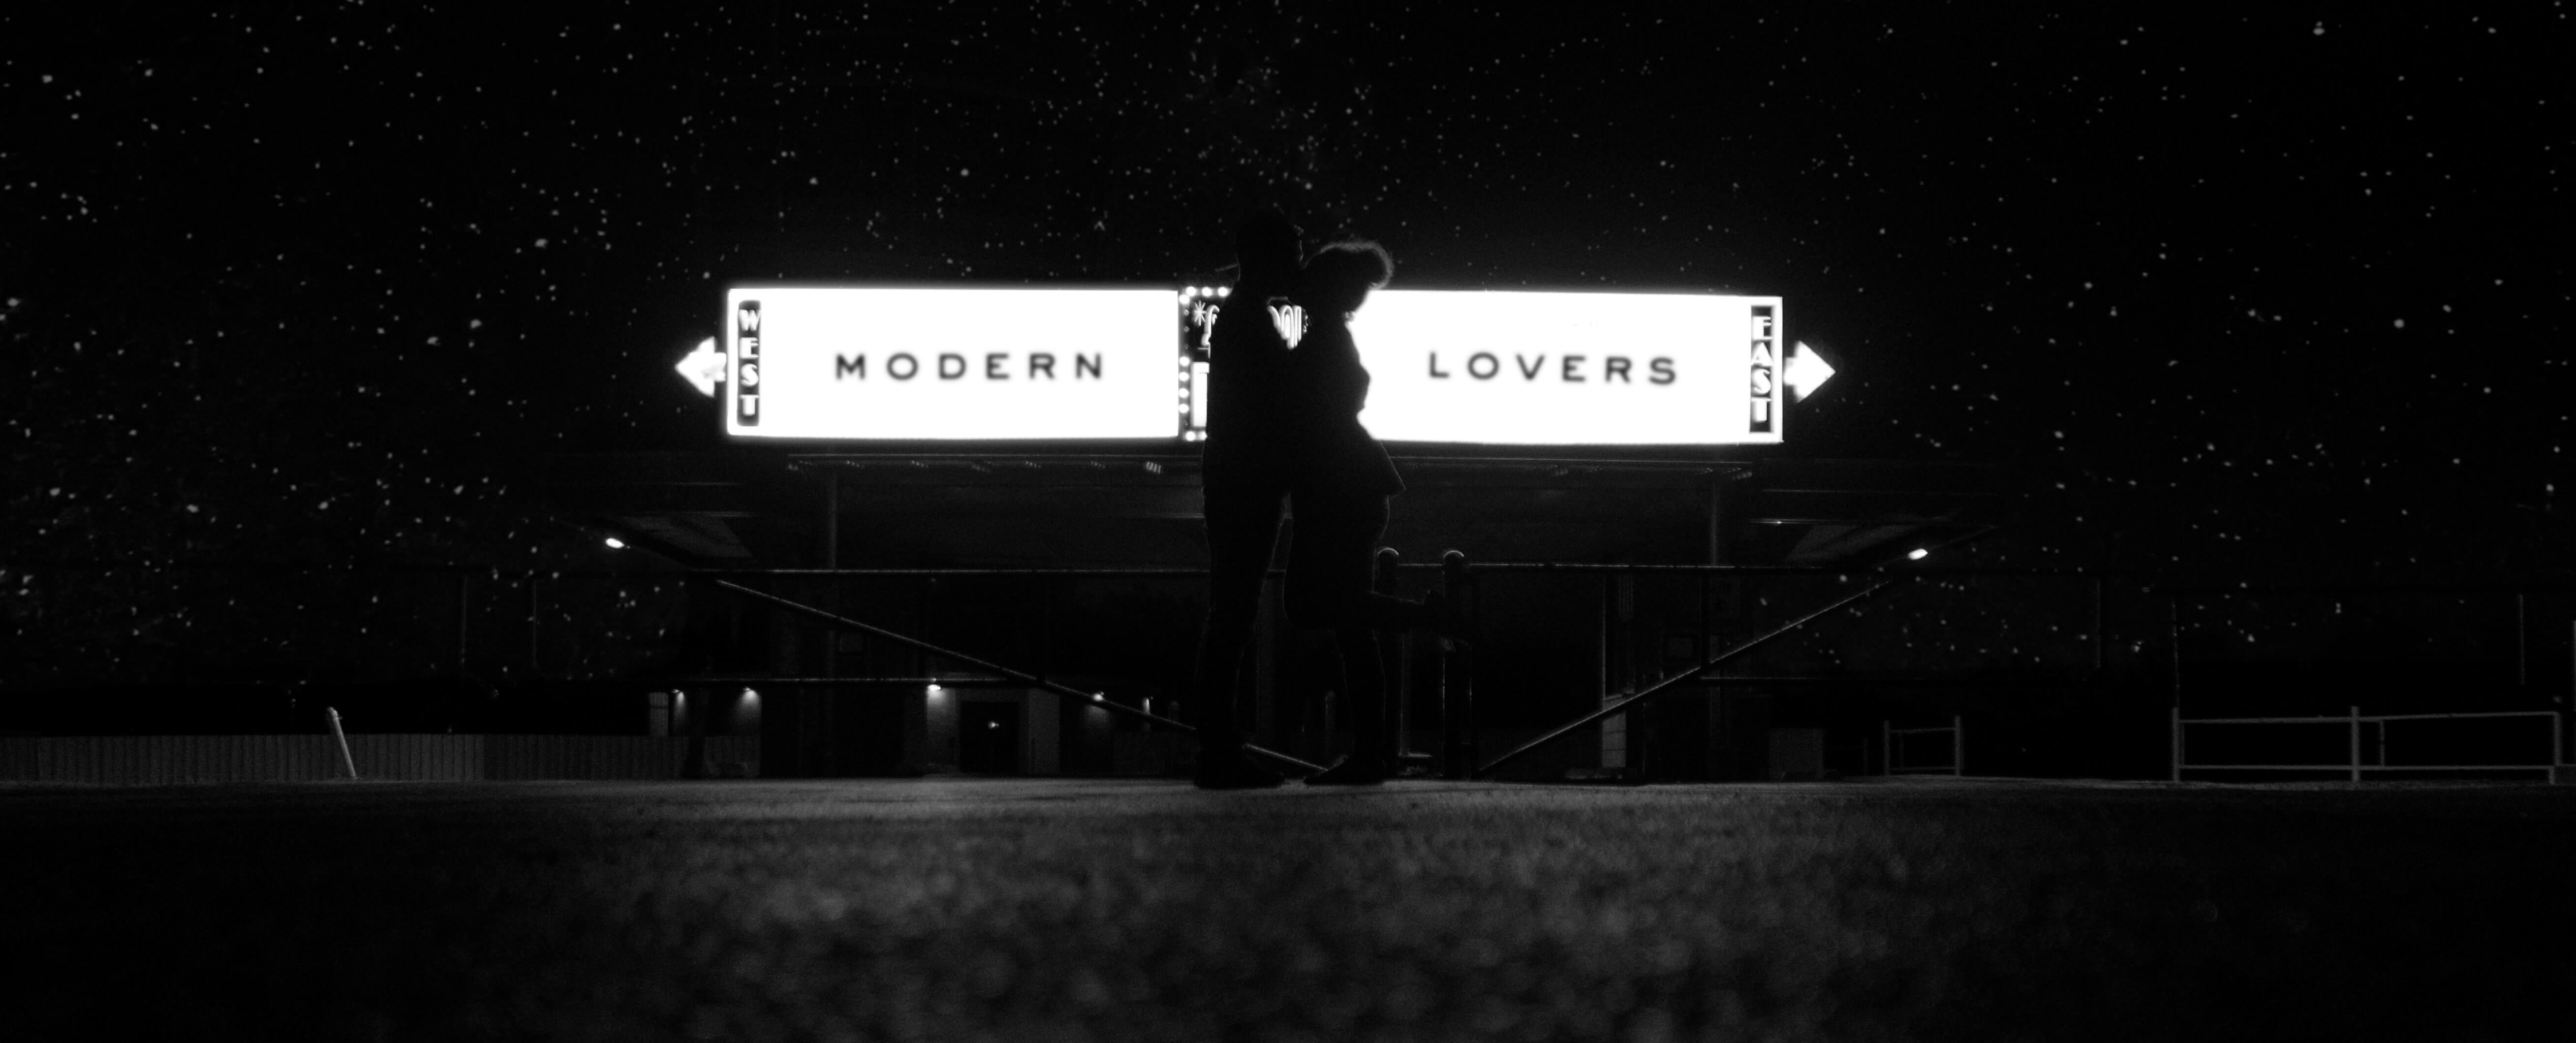 ModernLovers_Far_Stars